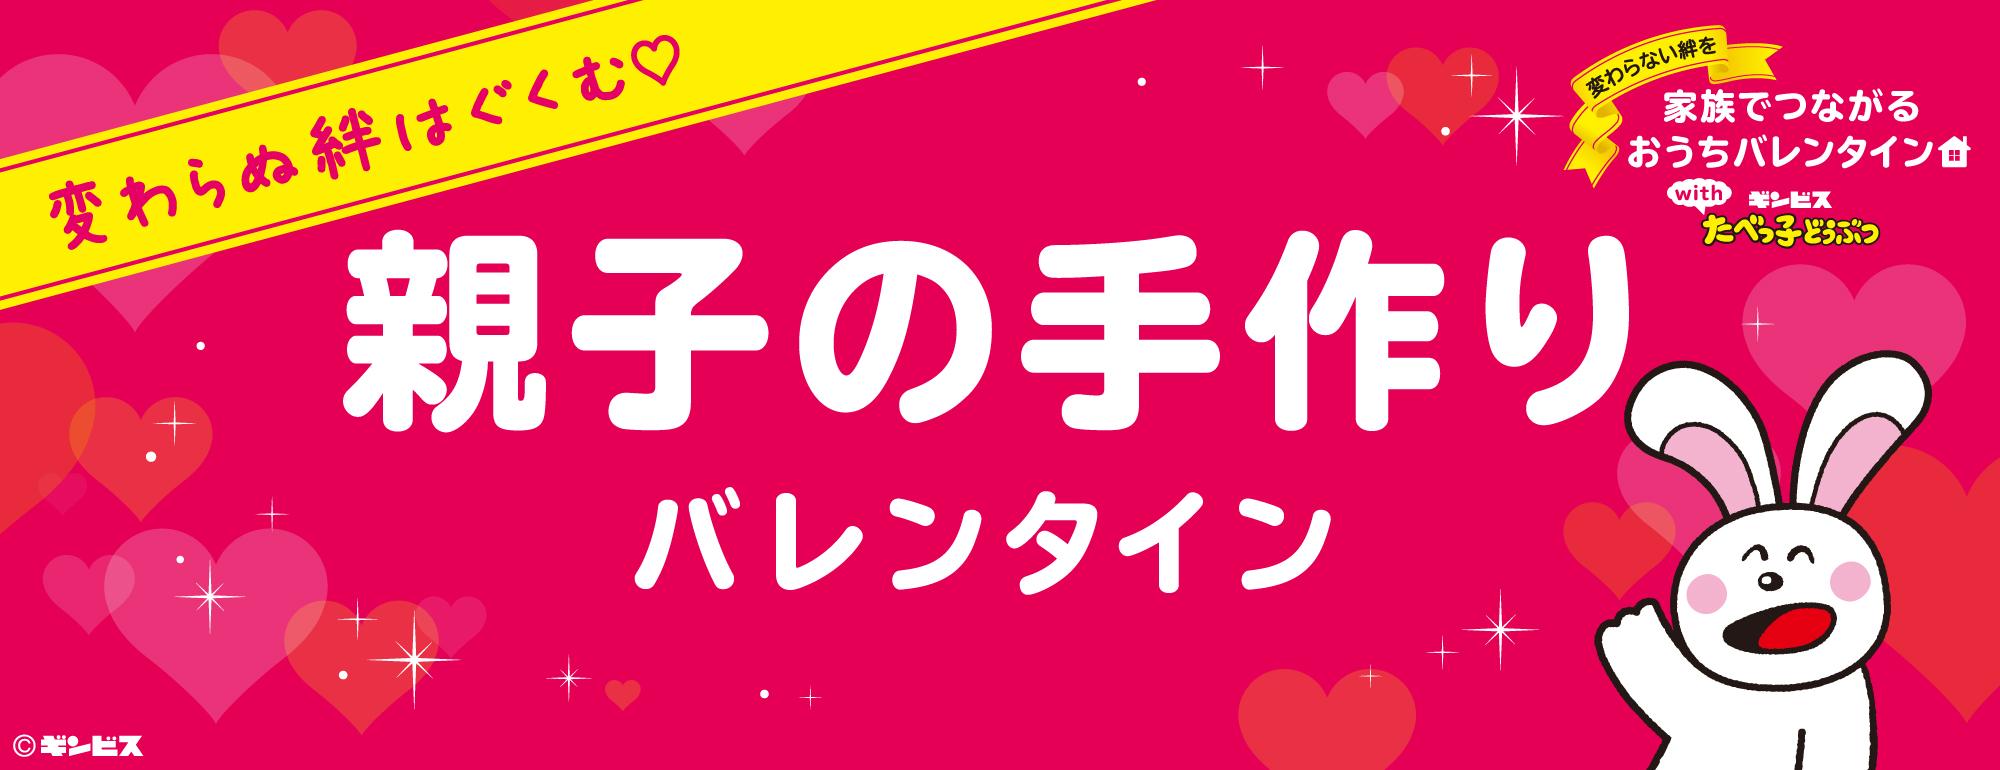 変わらぬ絆はぐくむ♡親子の手作りバレンタイン